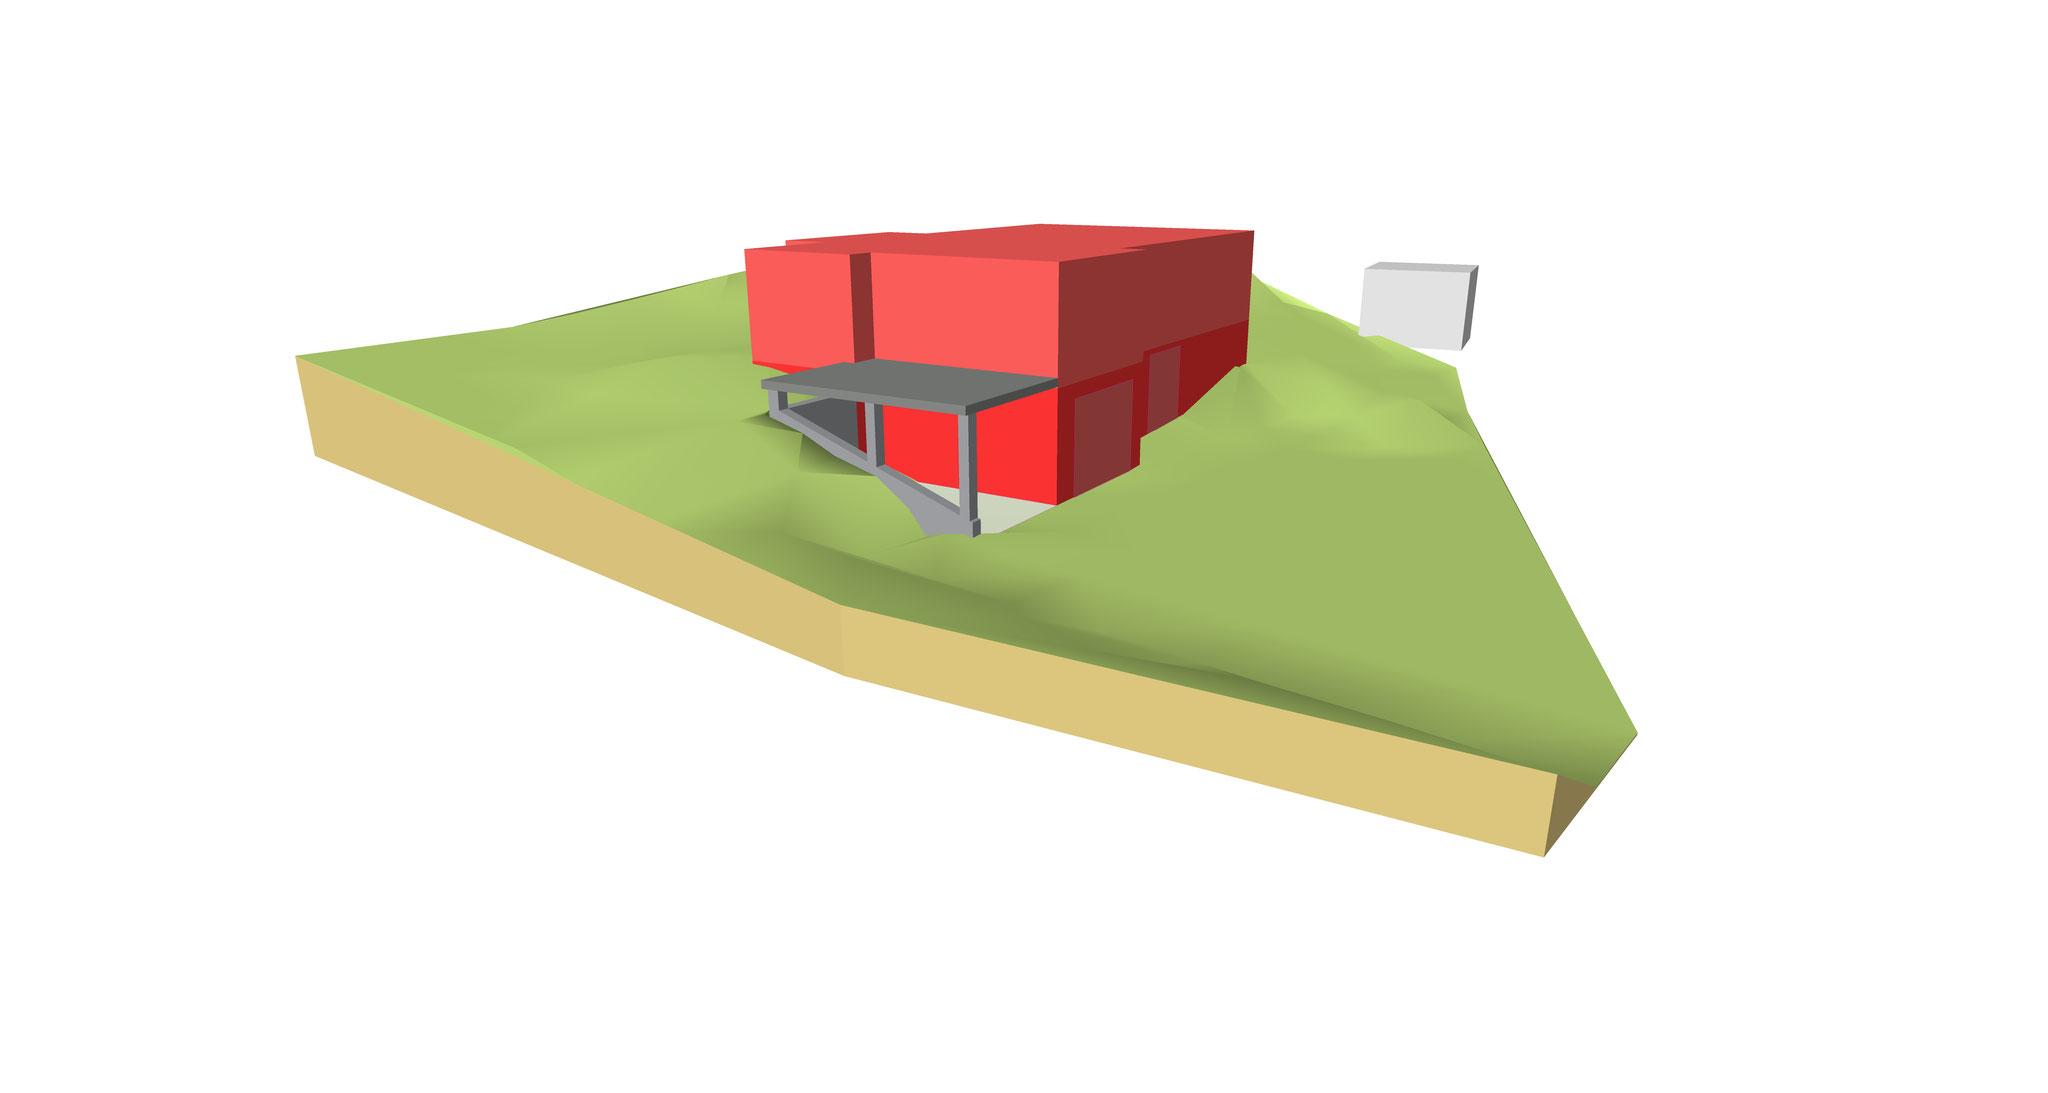 Visualisierung zur Positionierung eines Gebäudes - Ansicht 1